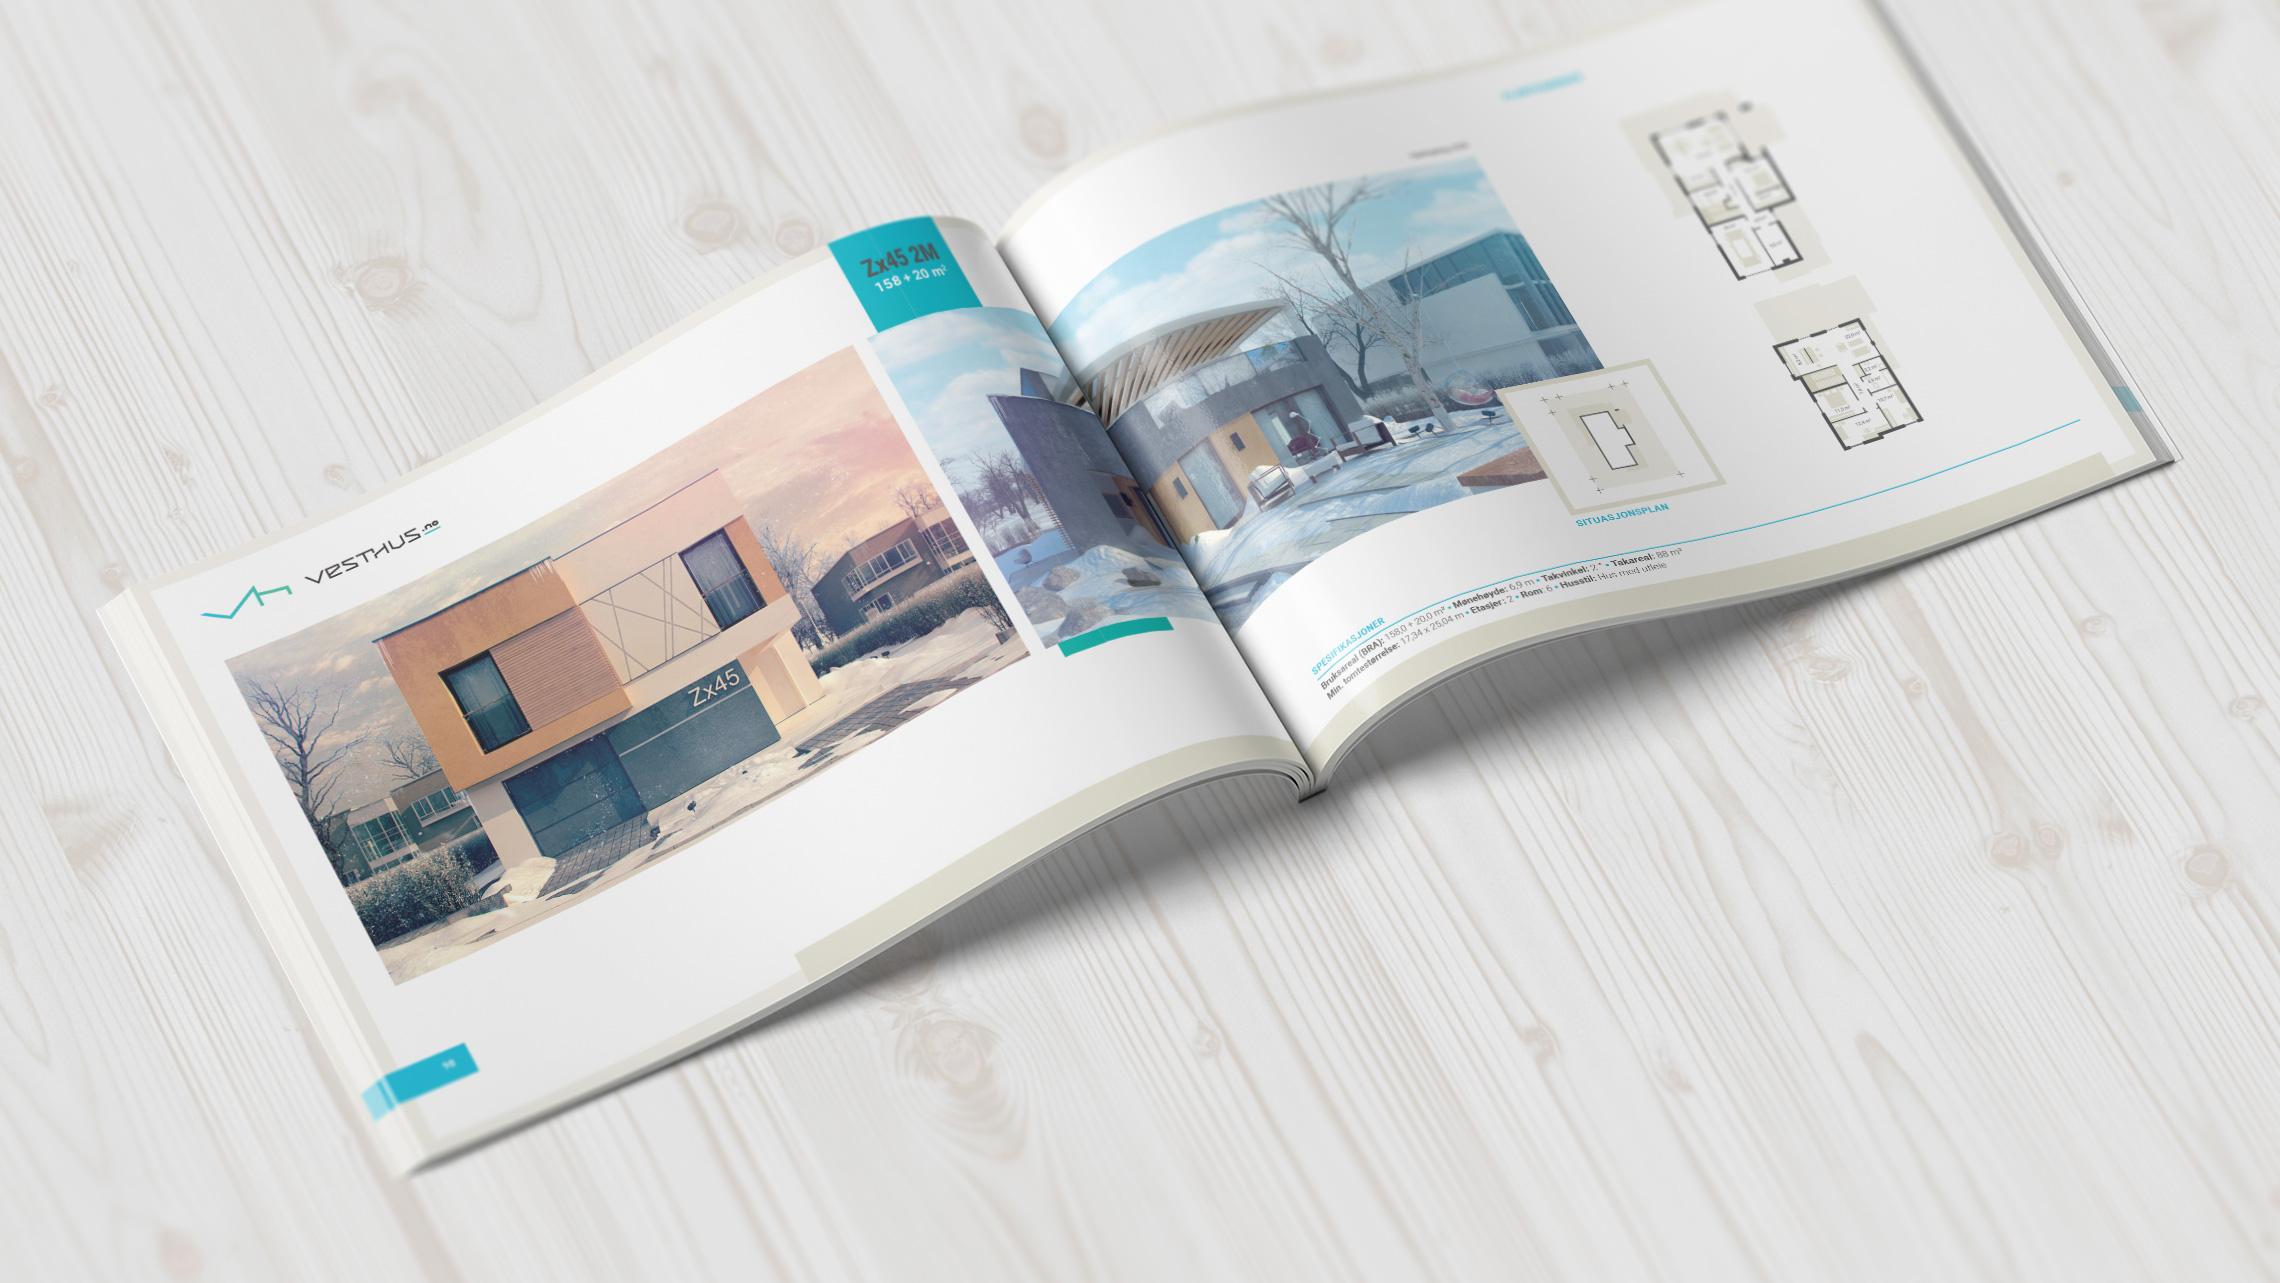 Przykładowy katalog reklamowy zrealizowany przezAlpaca Studio